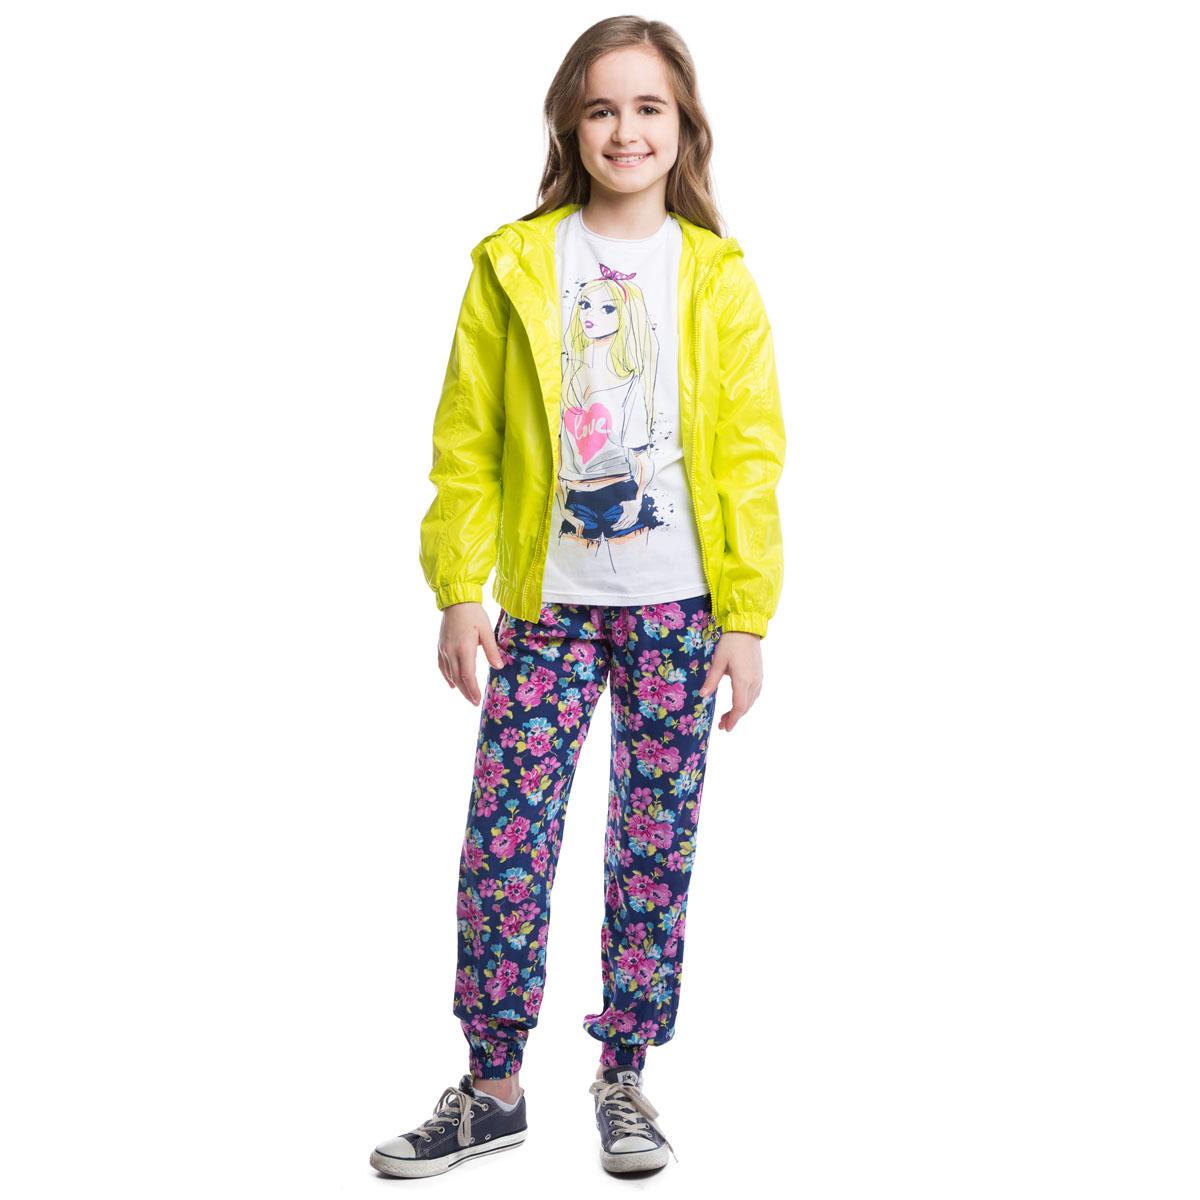 Ветровка264001Стильная ветровка для девочки изготовлена из полиэстера. Ветровка с капюшоном застегивается на пластиковую застежку-молнию и имеет два функциональных кармана. Низ изделия и манжеты рукавов выполнены в виде резинки.